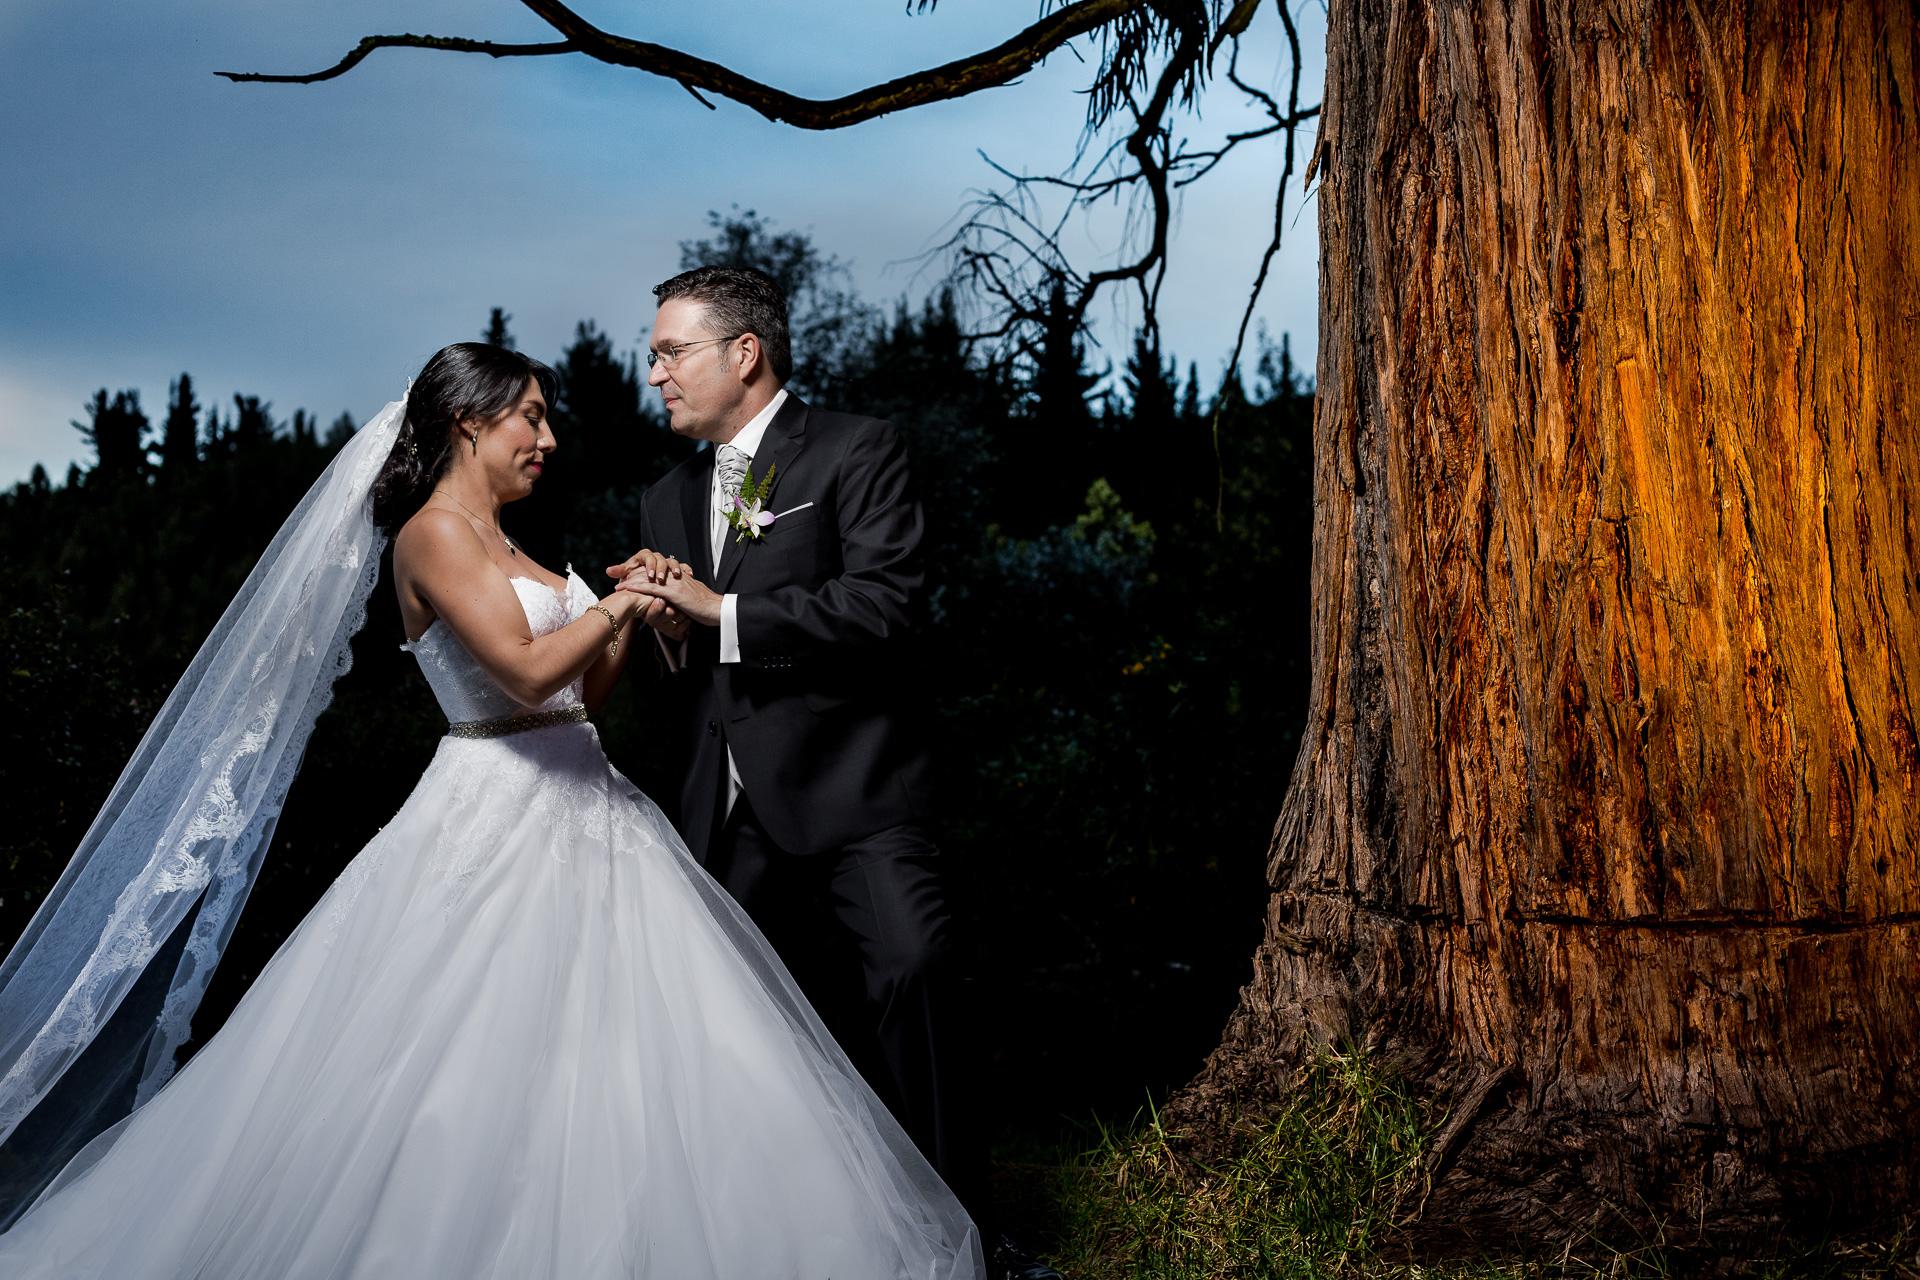 Fotógrafos-de-bodas-en-Colombia-Angela-y-Antonio-43 ANGELA Y ANTONIO